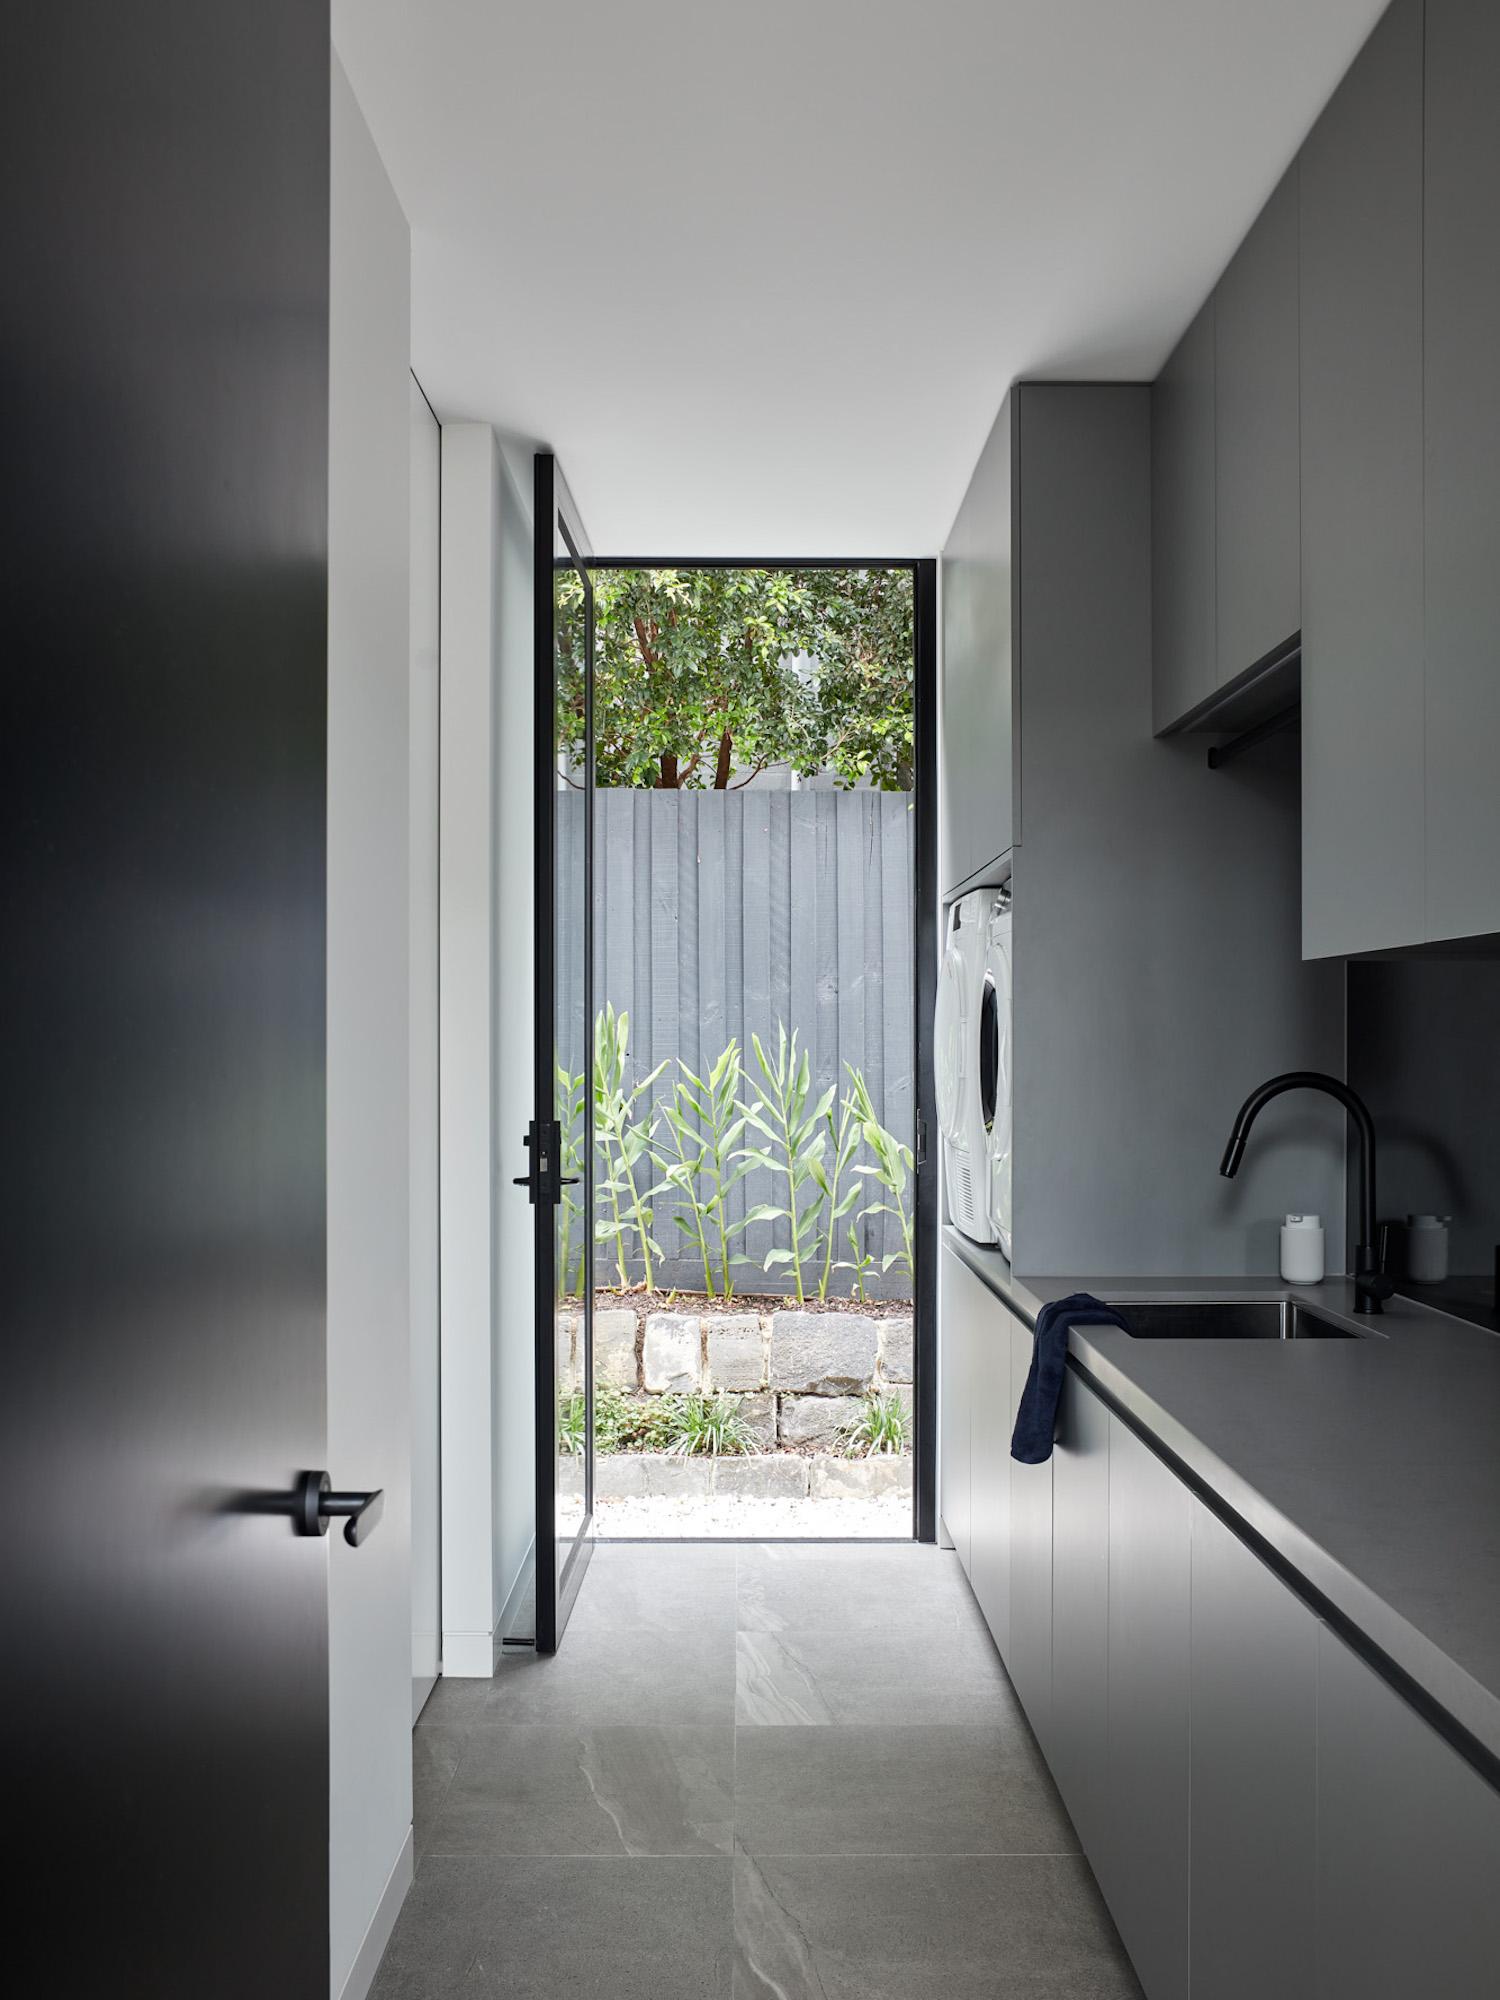 est living vincent house borland architecture 5